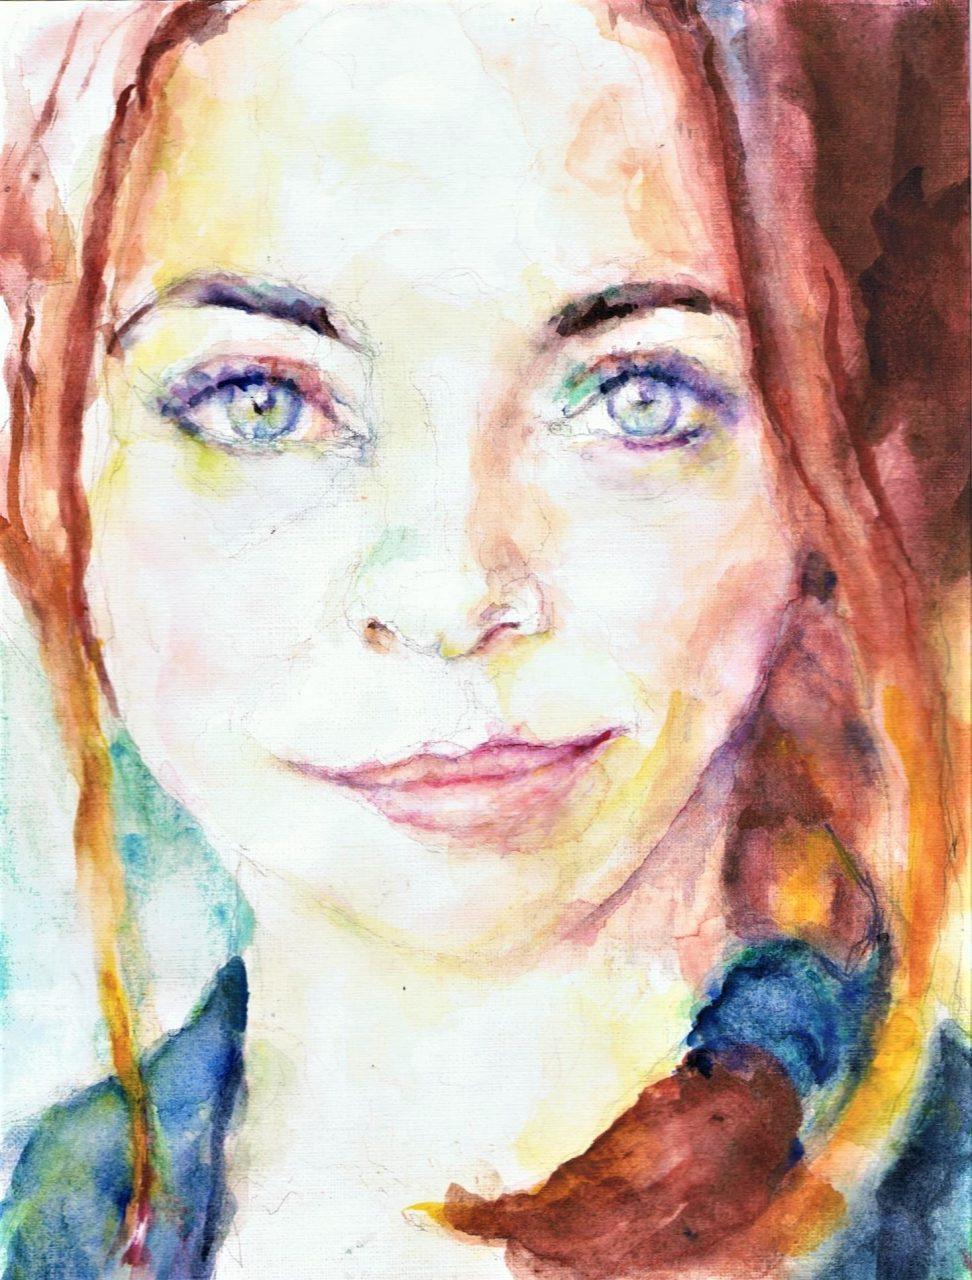 365 dagen een portret Georgina Verbaan, actrice Aquarel 19c25